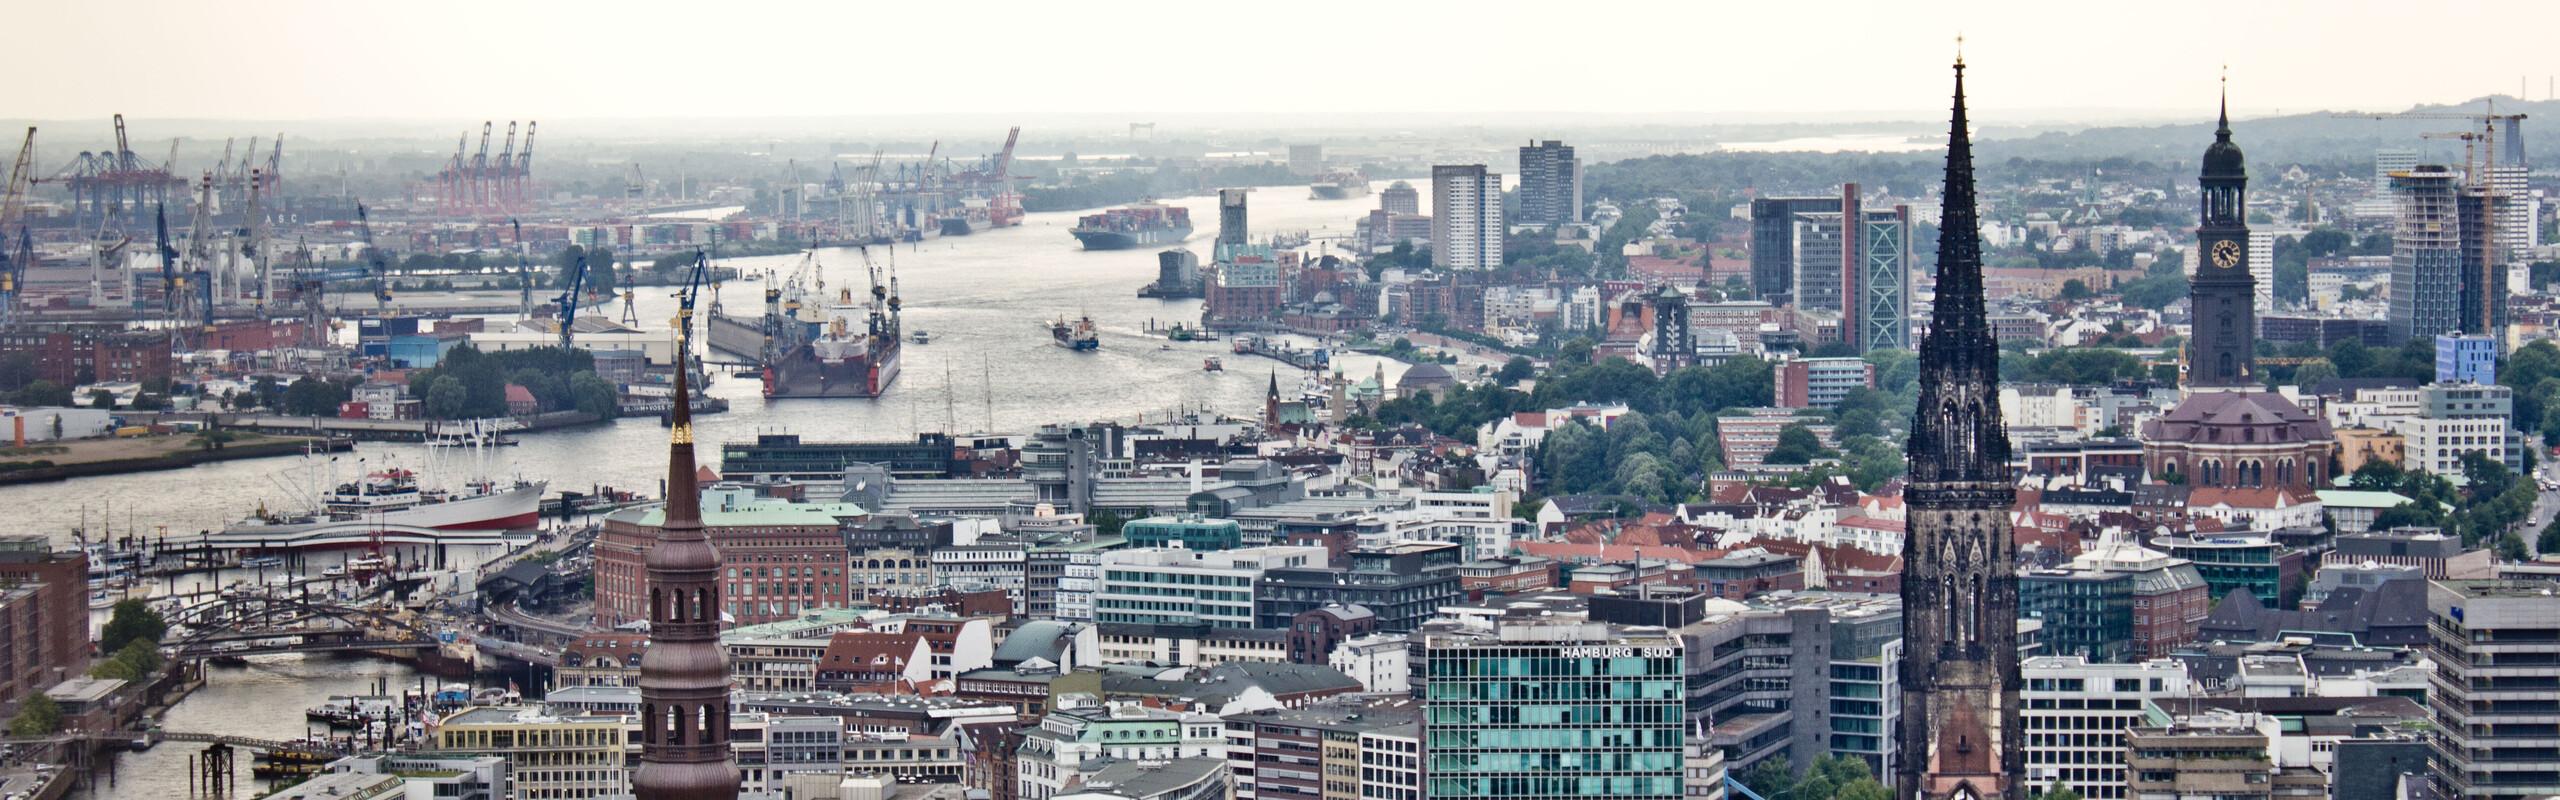 Vue sur le port de Hambourg (Elbpresse.de)